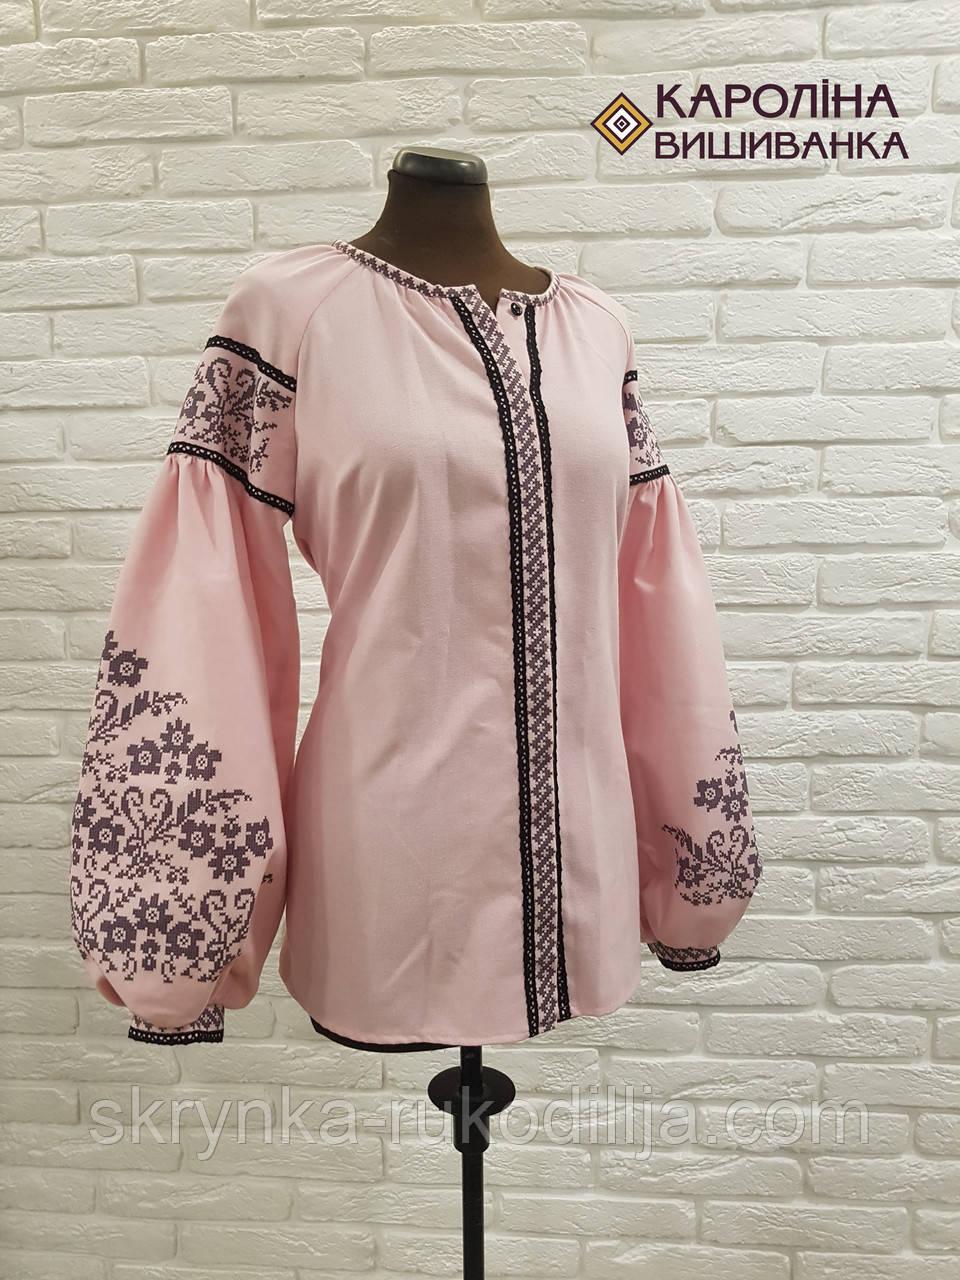 ... Заготовка непошита для вишивання бісером або нитками жіночої сорочки  вишиванки в стилі бохо 68c60daf34581